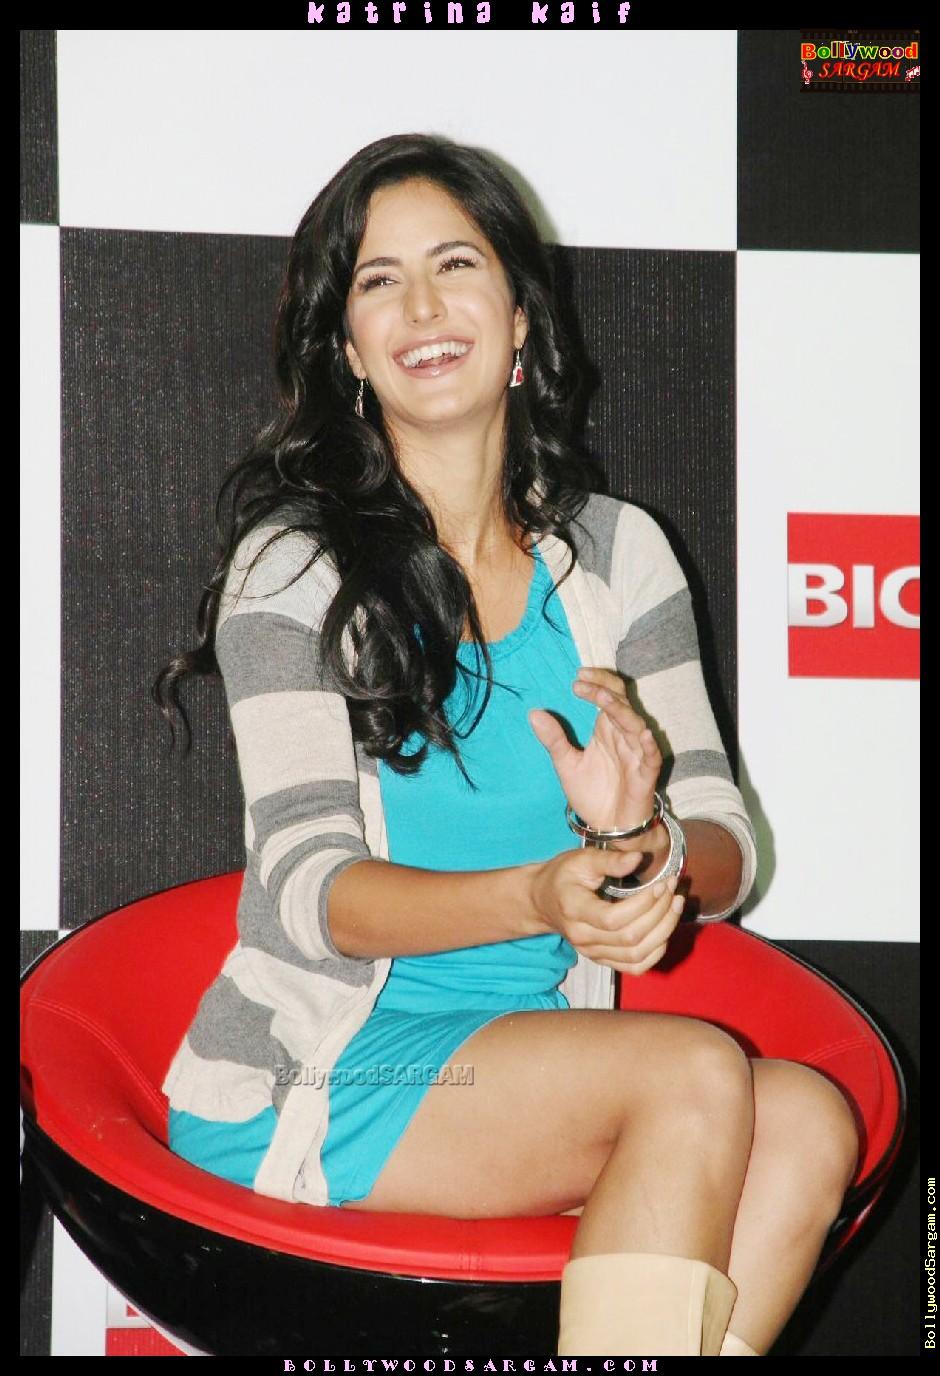 Bollywood Hollywood Celebrity Photos: 09_06